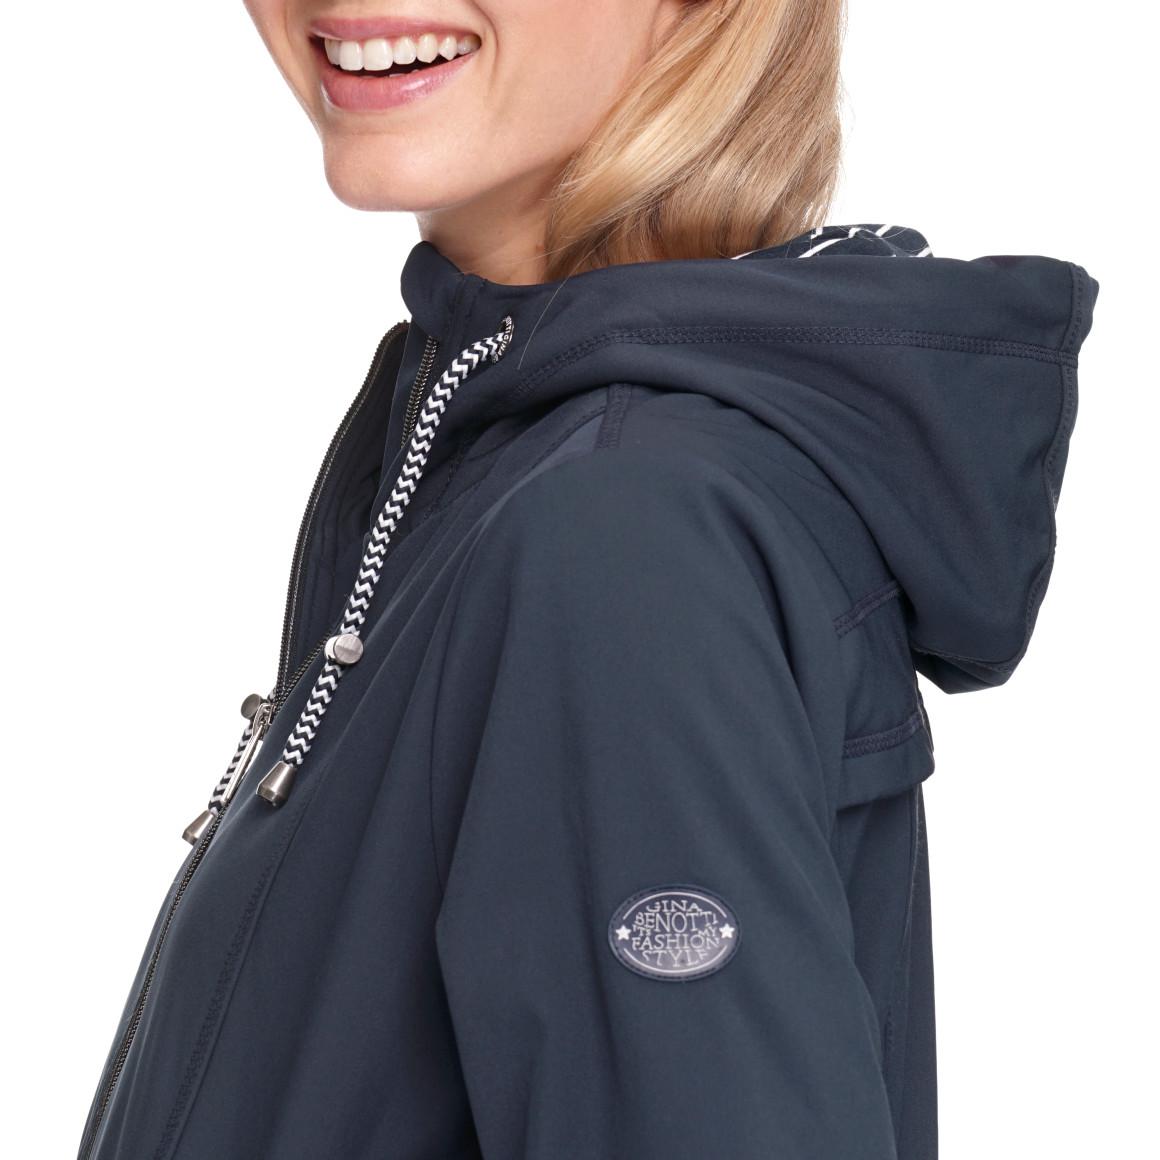 Damen Jacke mit Kapuze | Ernsting's family